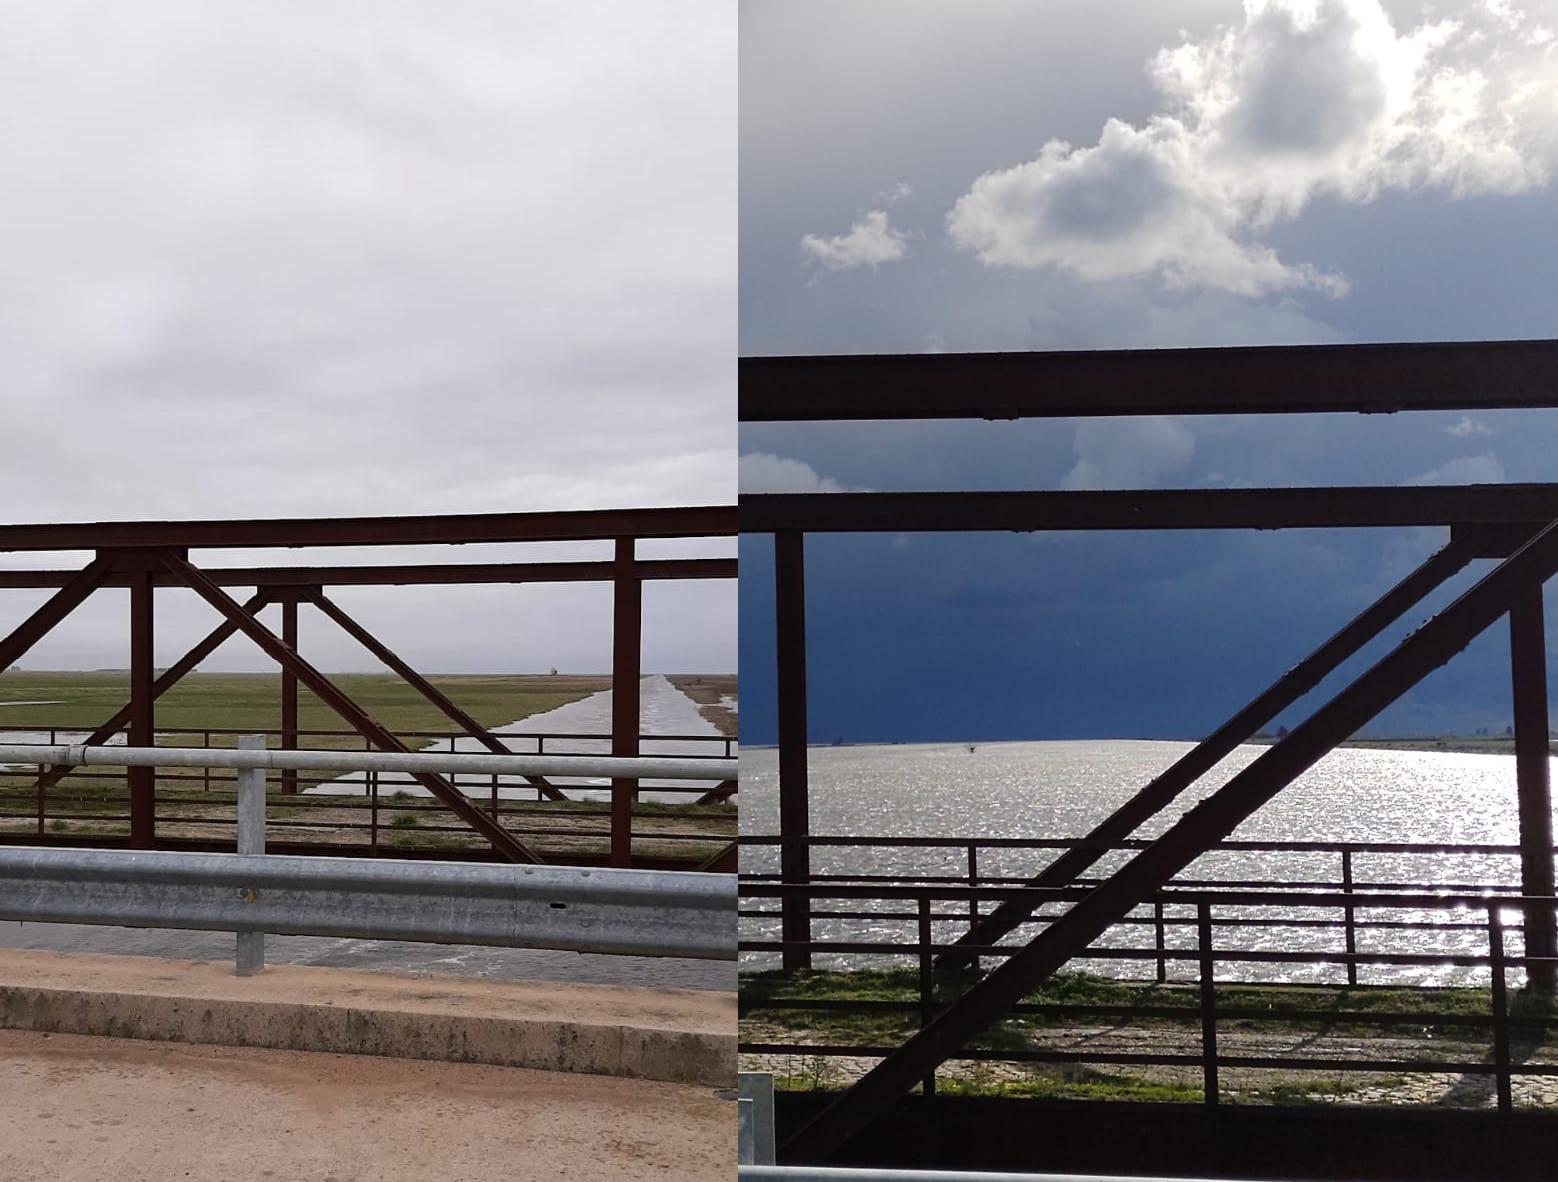 Pîla: el puente del 80, antes y después de las lluvias cuenca arriba del Salado.